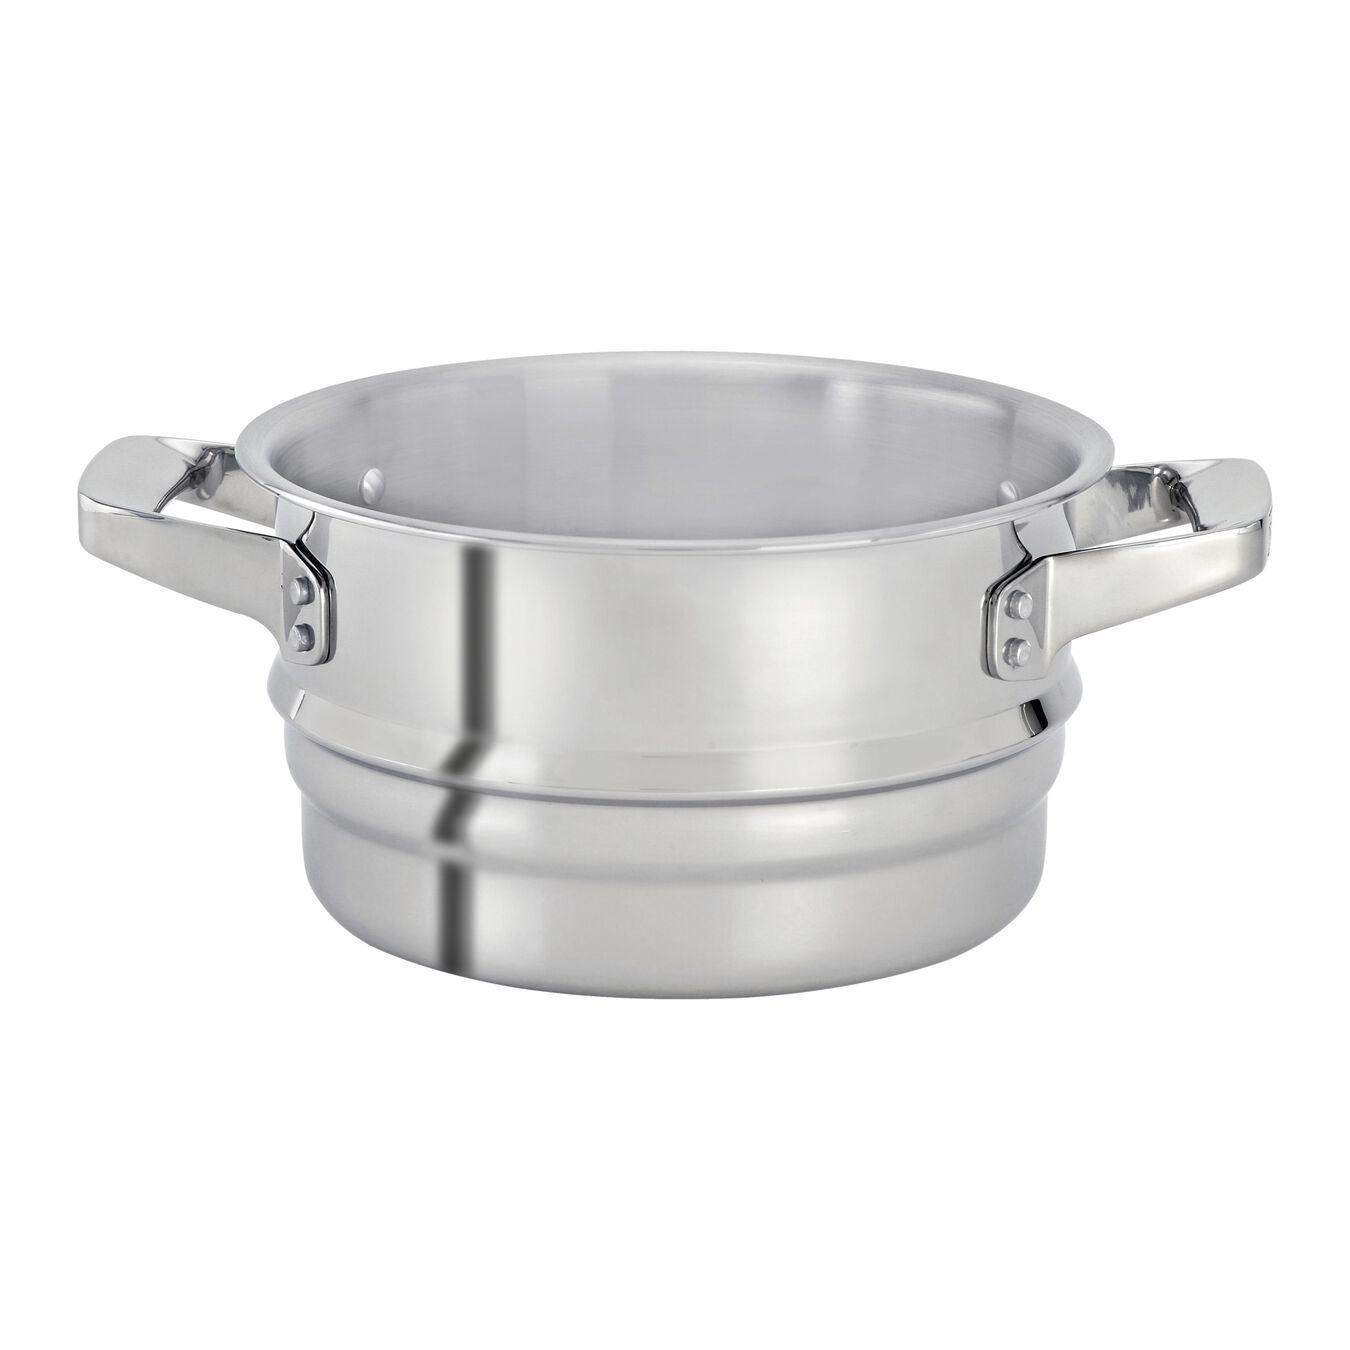 18/10 Stainless Steel Steamer insert,,large 1